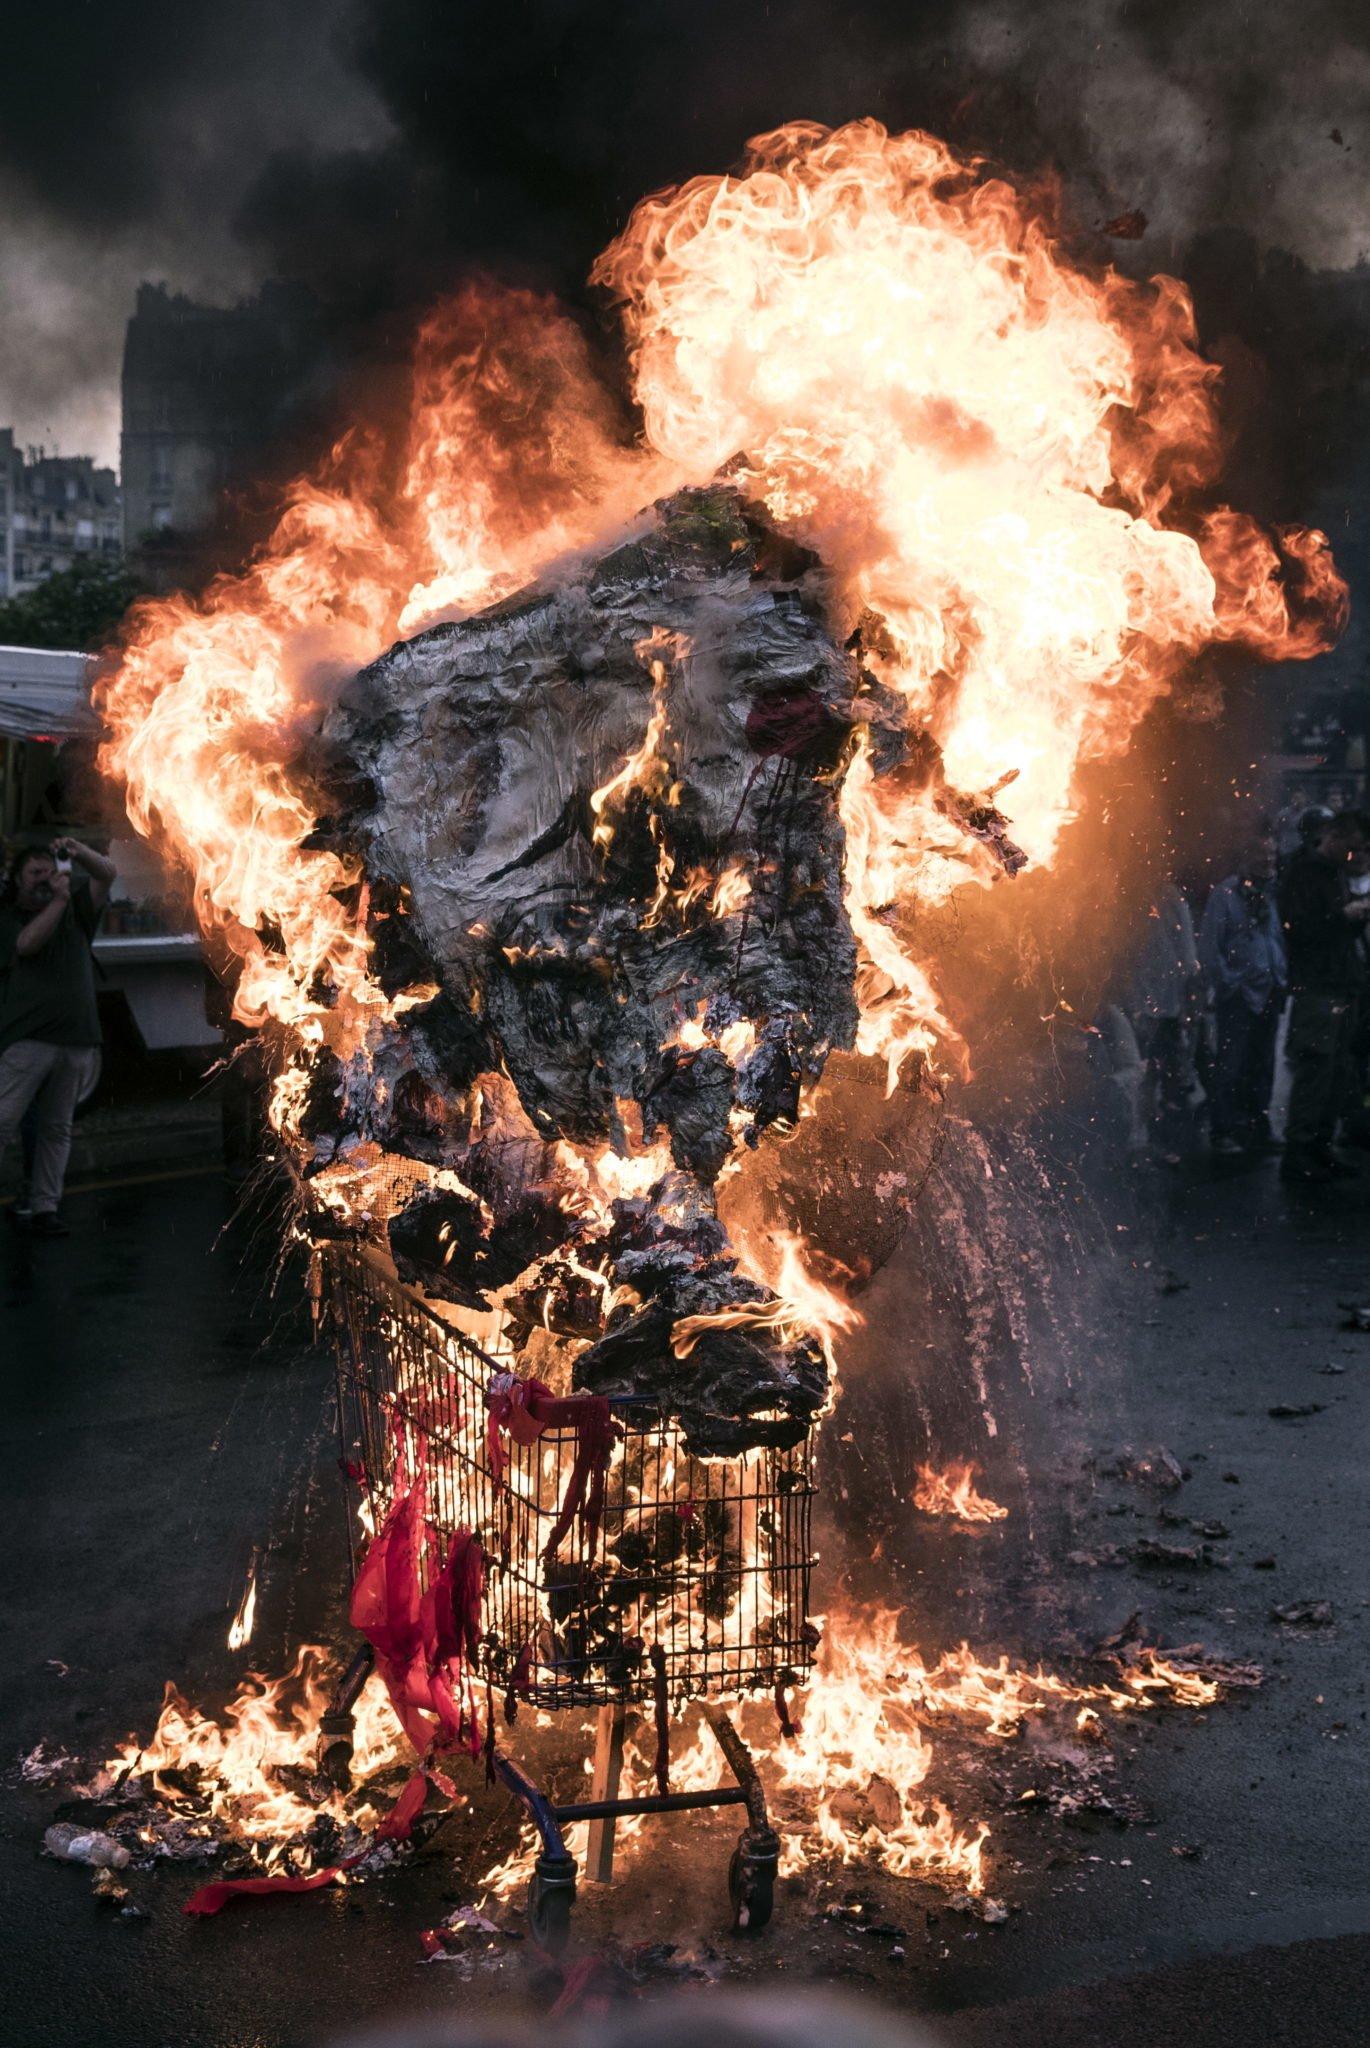 Francja, Paryż: na placu de la Nation demonstranci podpalili papierową rzeźbę prezydenta Francji Emmanuela Macrona podczas protestu przeciwko francuskim reformom rządowym w Paryżu, fot: Etienne Laurent, PAP/EPA